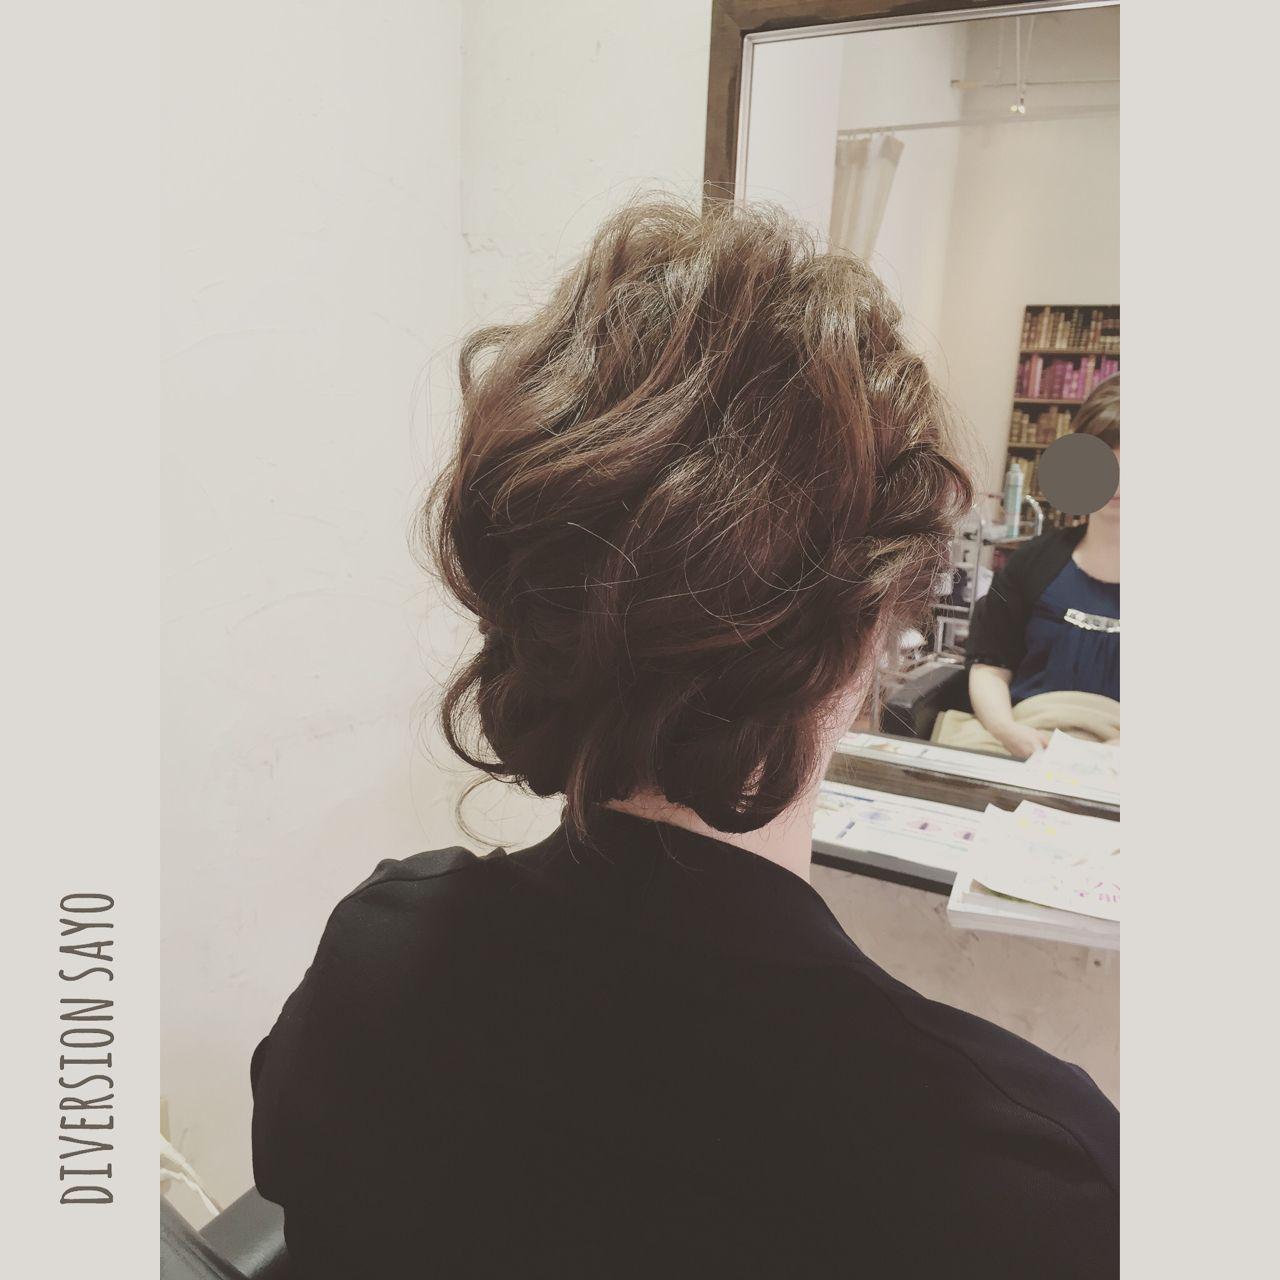 まとめ髪 ゆるふわ 波ウェーブ 編み込み ヘアスタイルや髪型の写真・画像